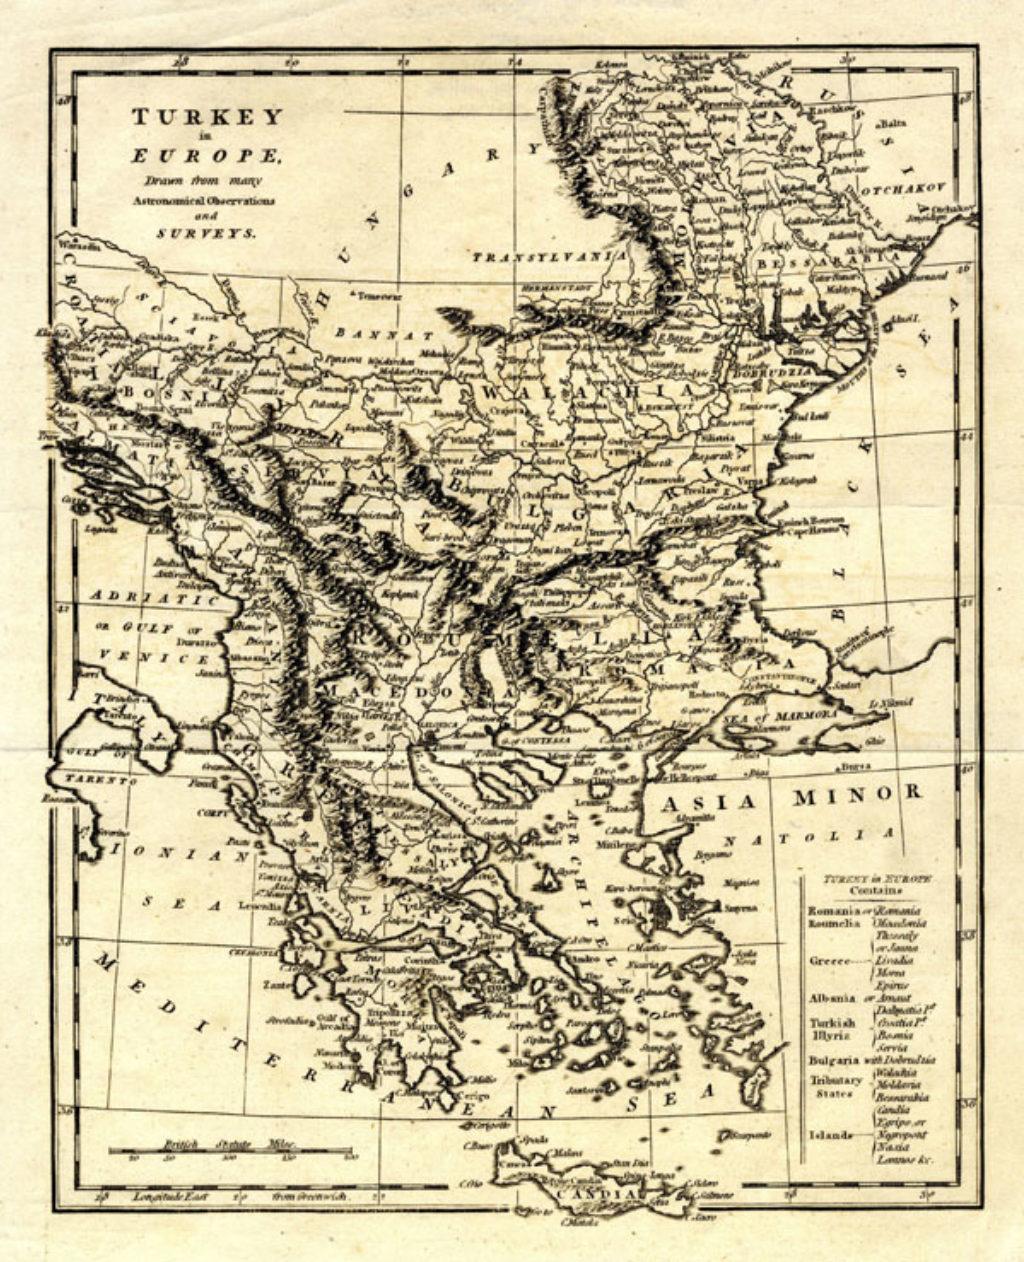 Τα οθωμανικά Βαλκάνια πριν την Επανάσταση